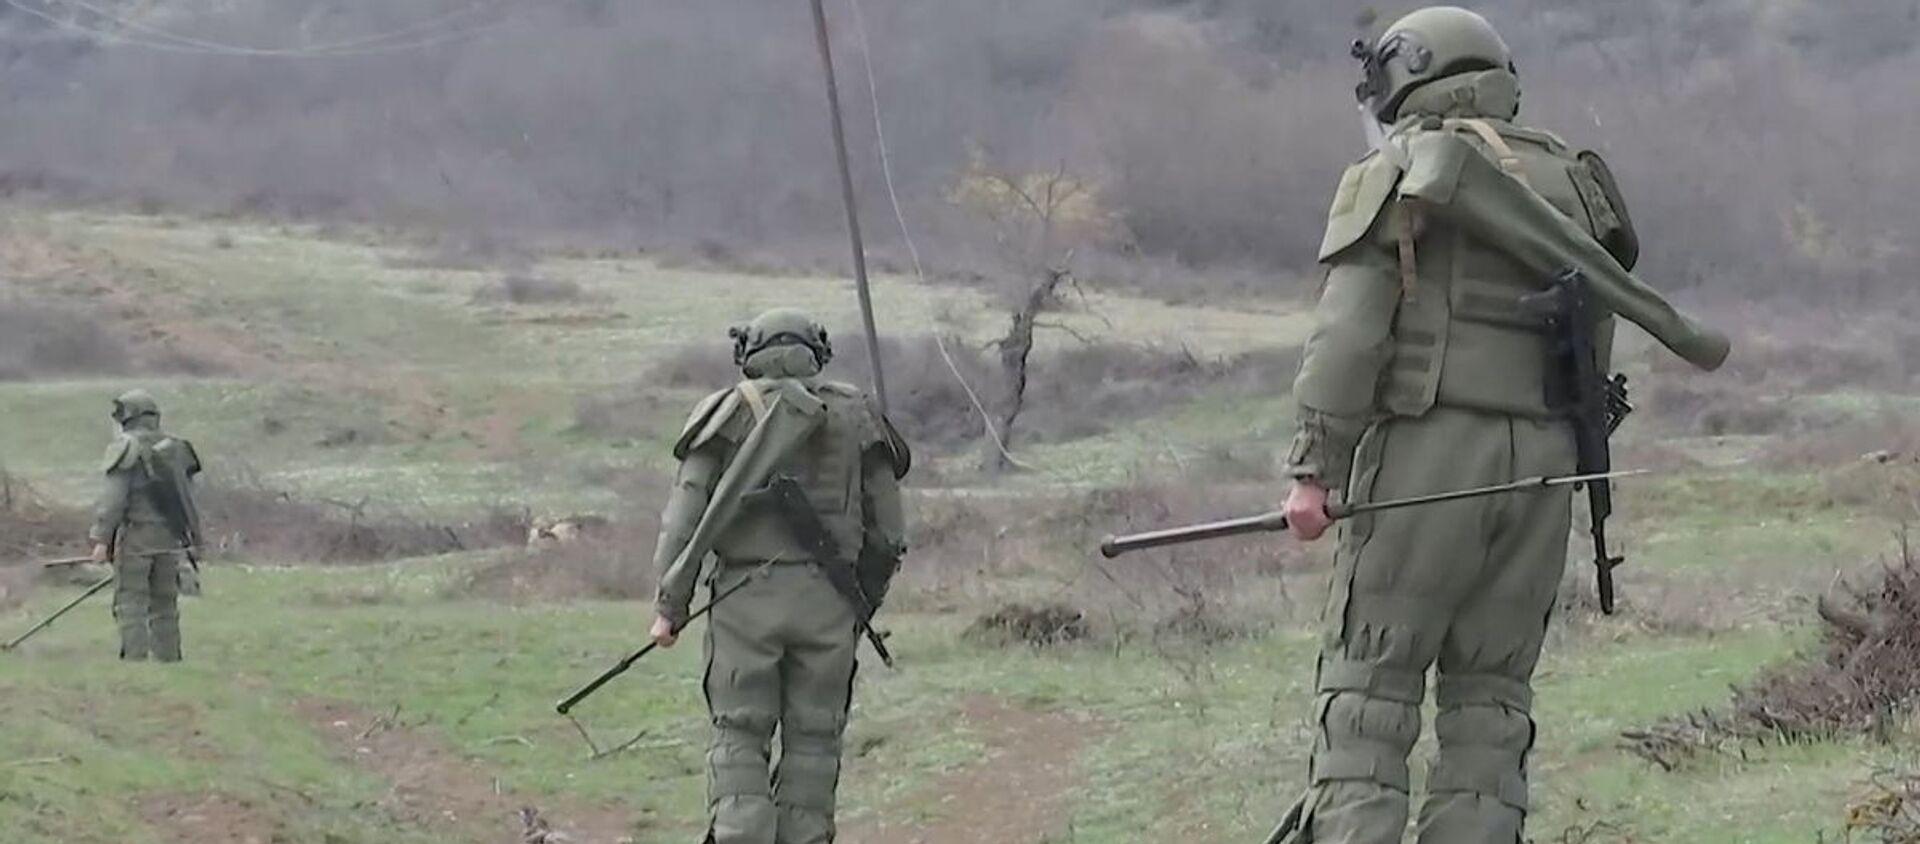 Работы по очистке местности от взрывоопасных предметов в Карабахе - Sputnik Азербайджан, 1920, 02.04.2021